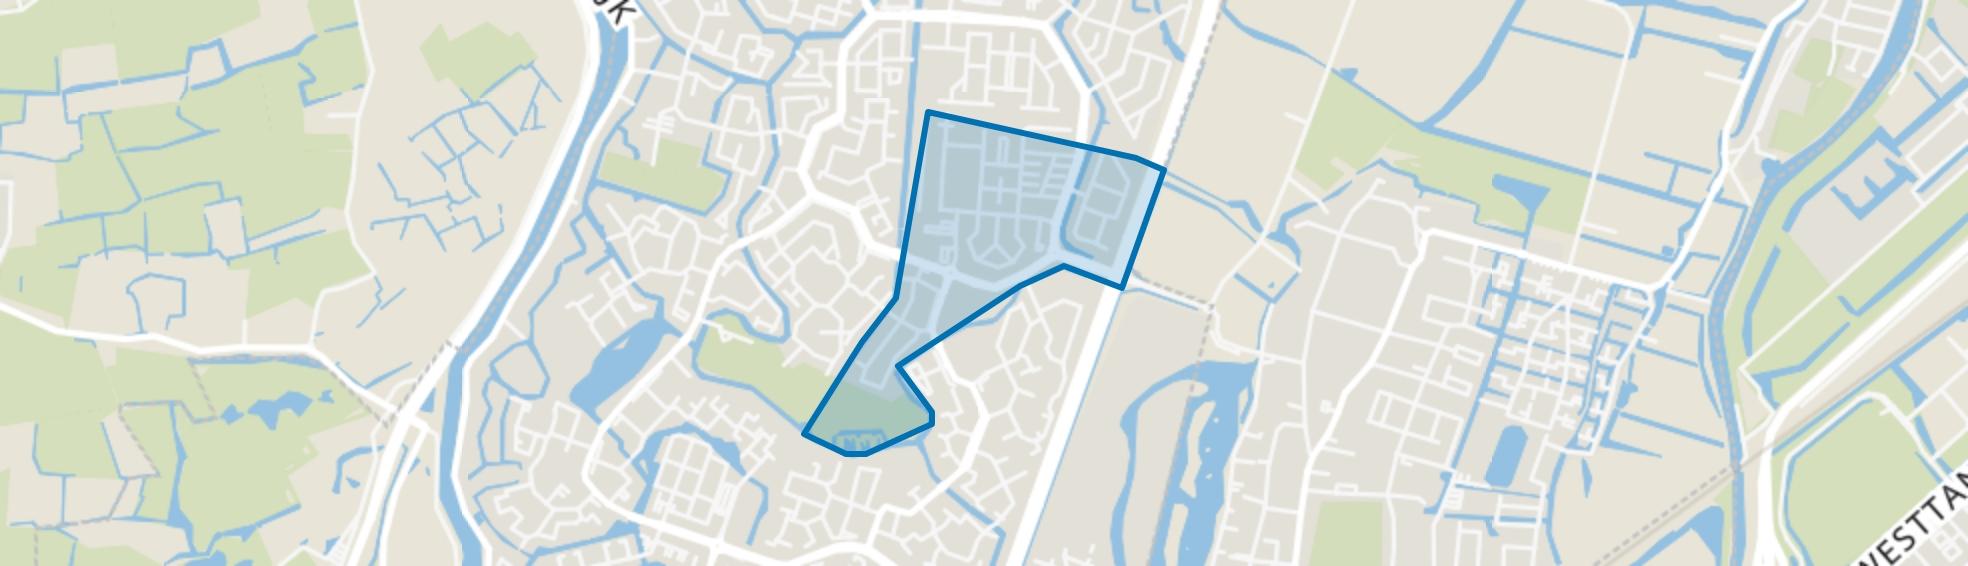 Daalmeer-Zuidoost, Alkmaar map